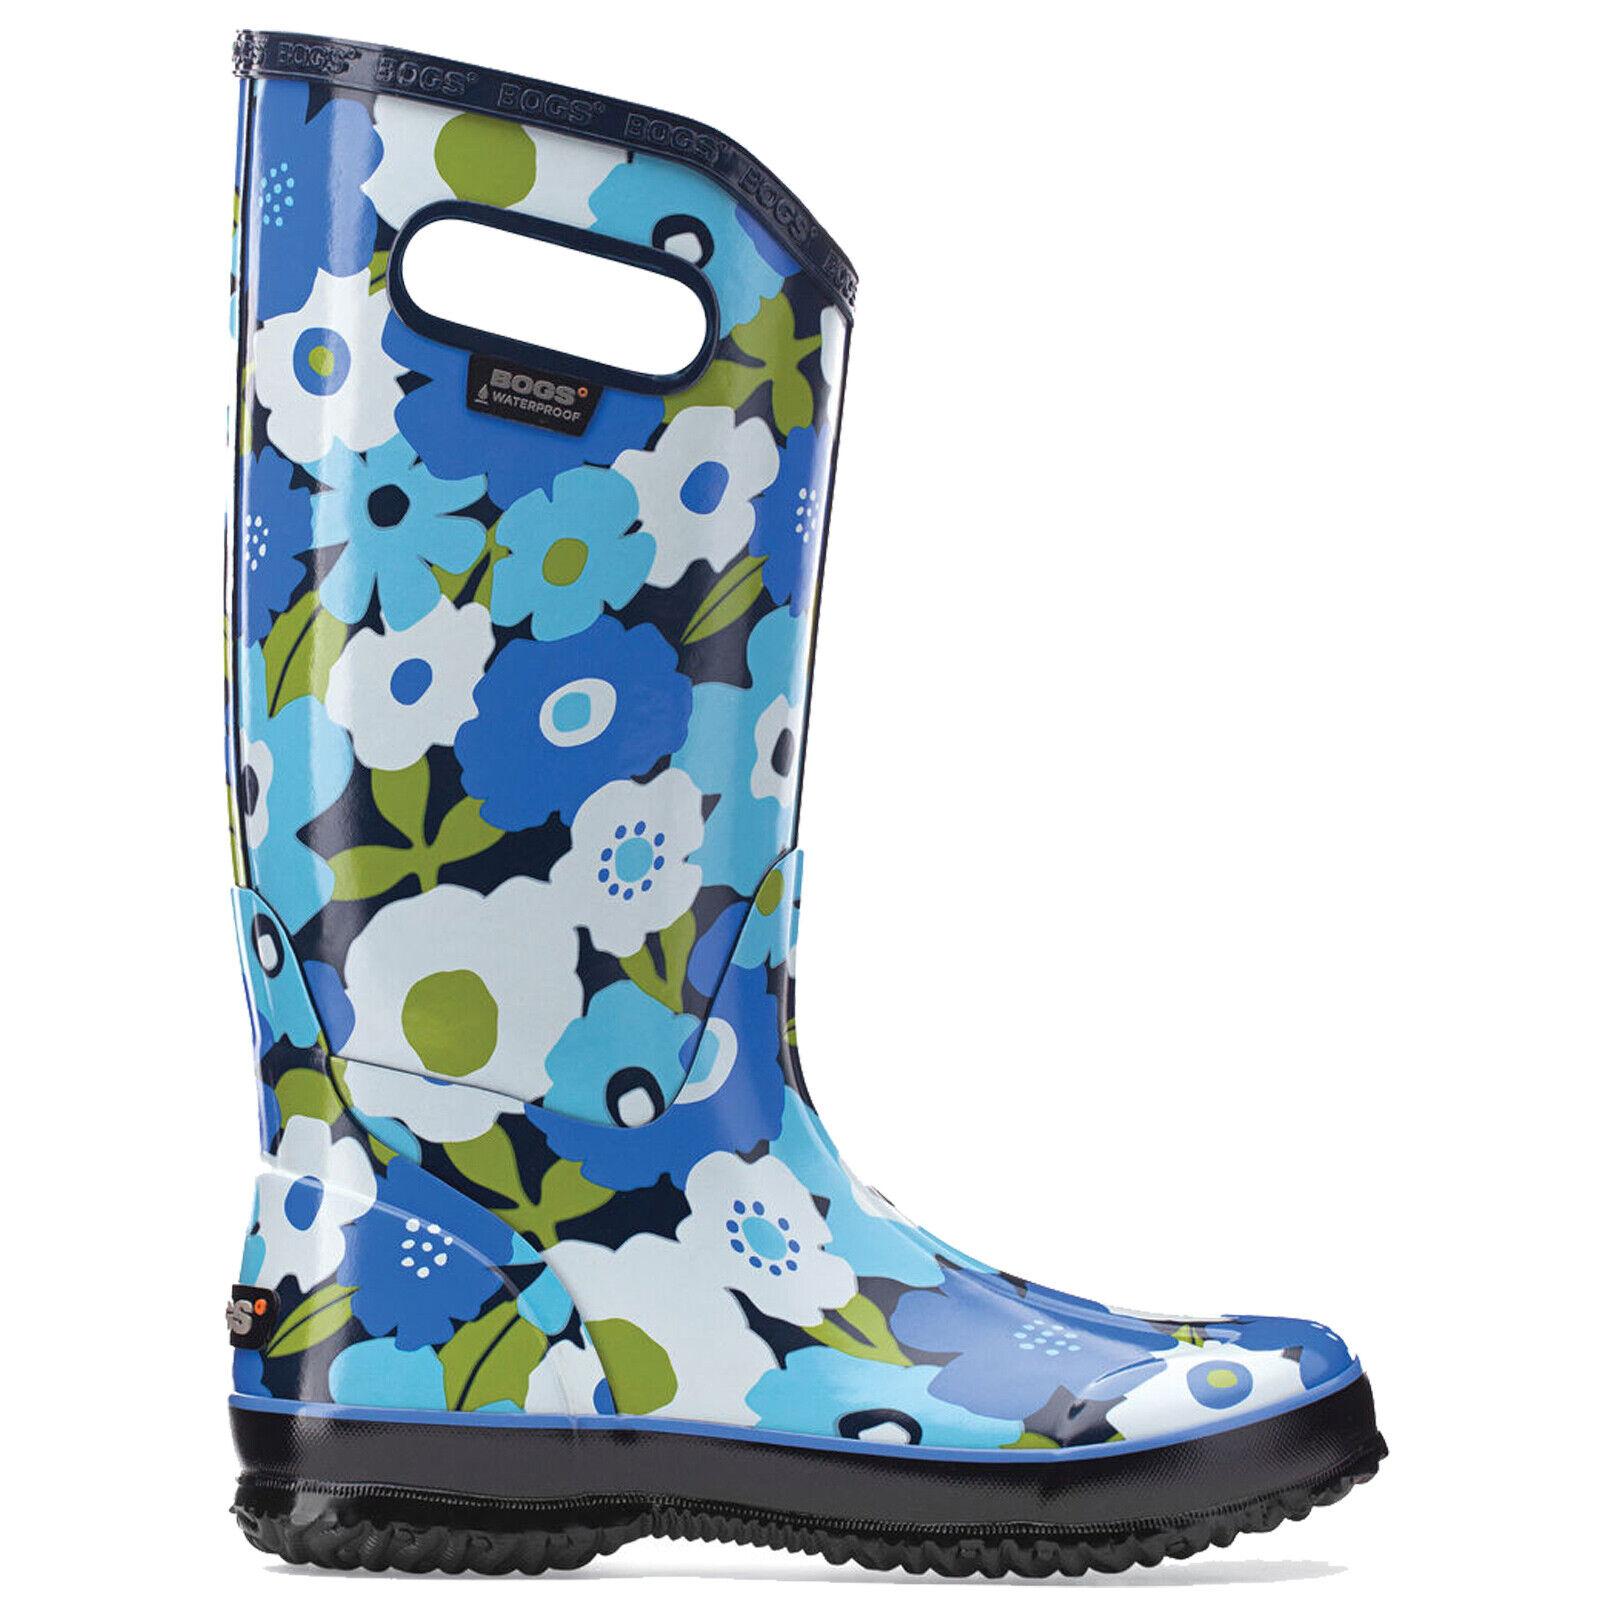 LADIES BOGS SPRING FLOWERS Blau MULTI WELLIES FESTIVAL RAINStiefel GrößeS 4–9  71897